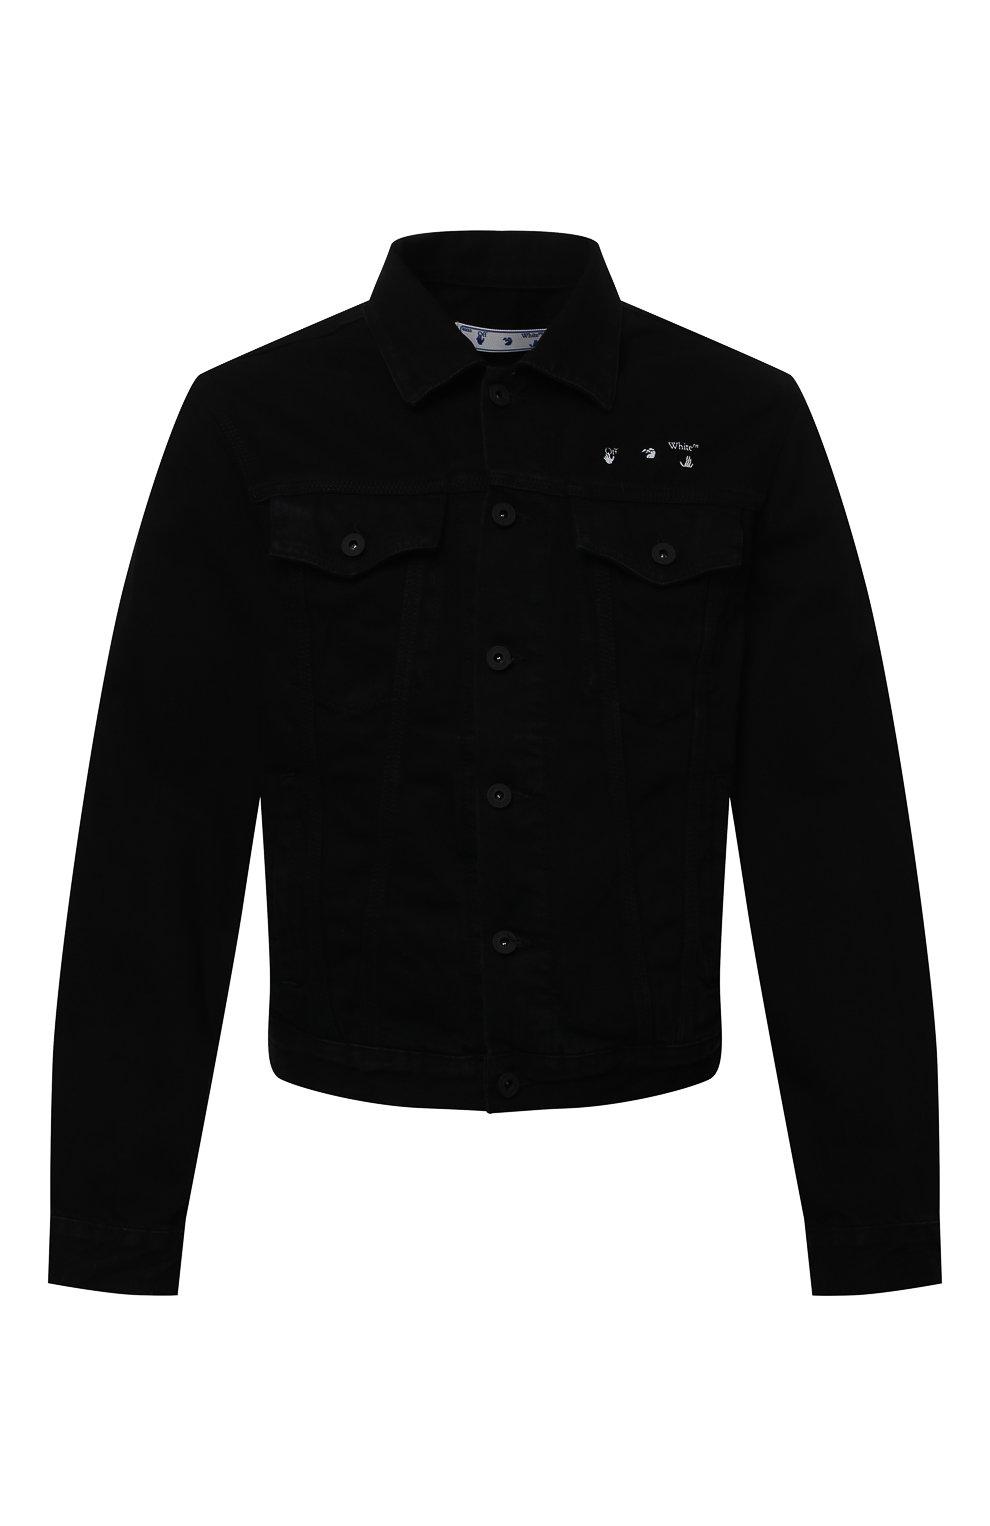 Мужская джинсовая куртка OFF-WHITE черного цвета, арт. 0MYE054S21DEN001   Фото 1 (Кросс-КТ: Куртка, Деним; Рукава: Длинные; Материал внешний: Хлопок; Стили: Спорт-шик; Длина (верхняя одежда): Короткие)